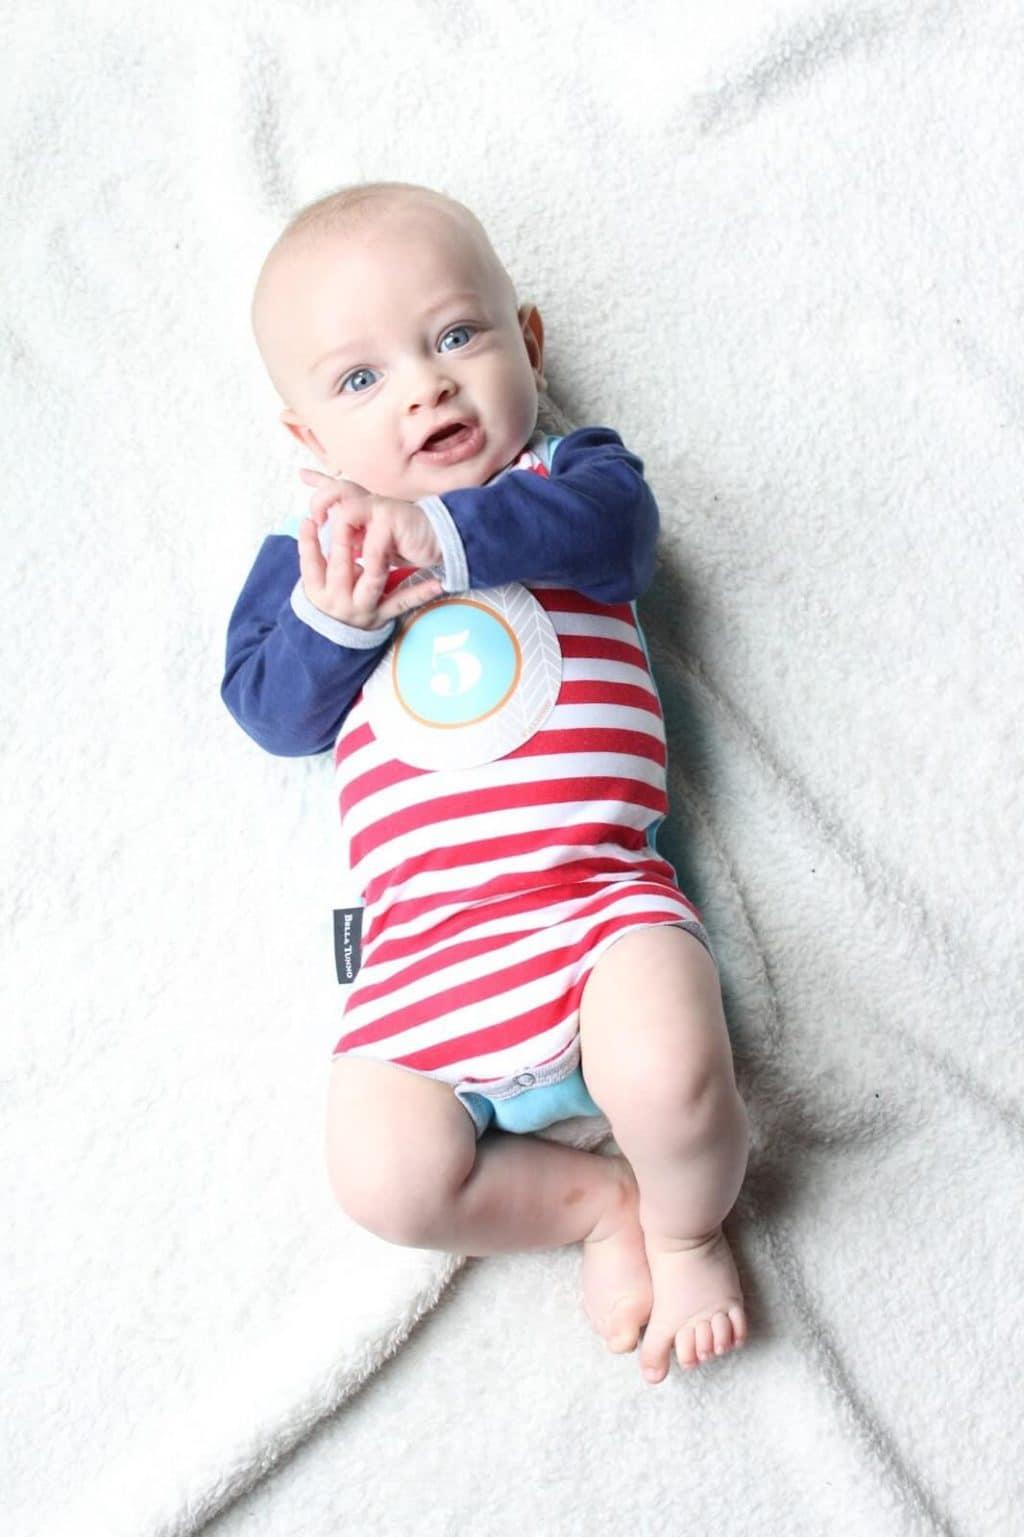 5 Month Baby Update with sticker onesie